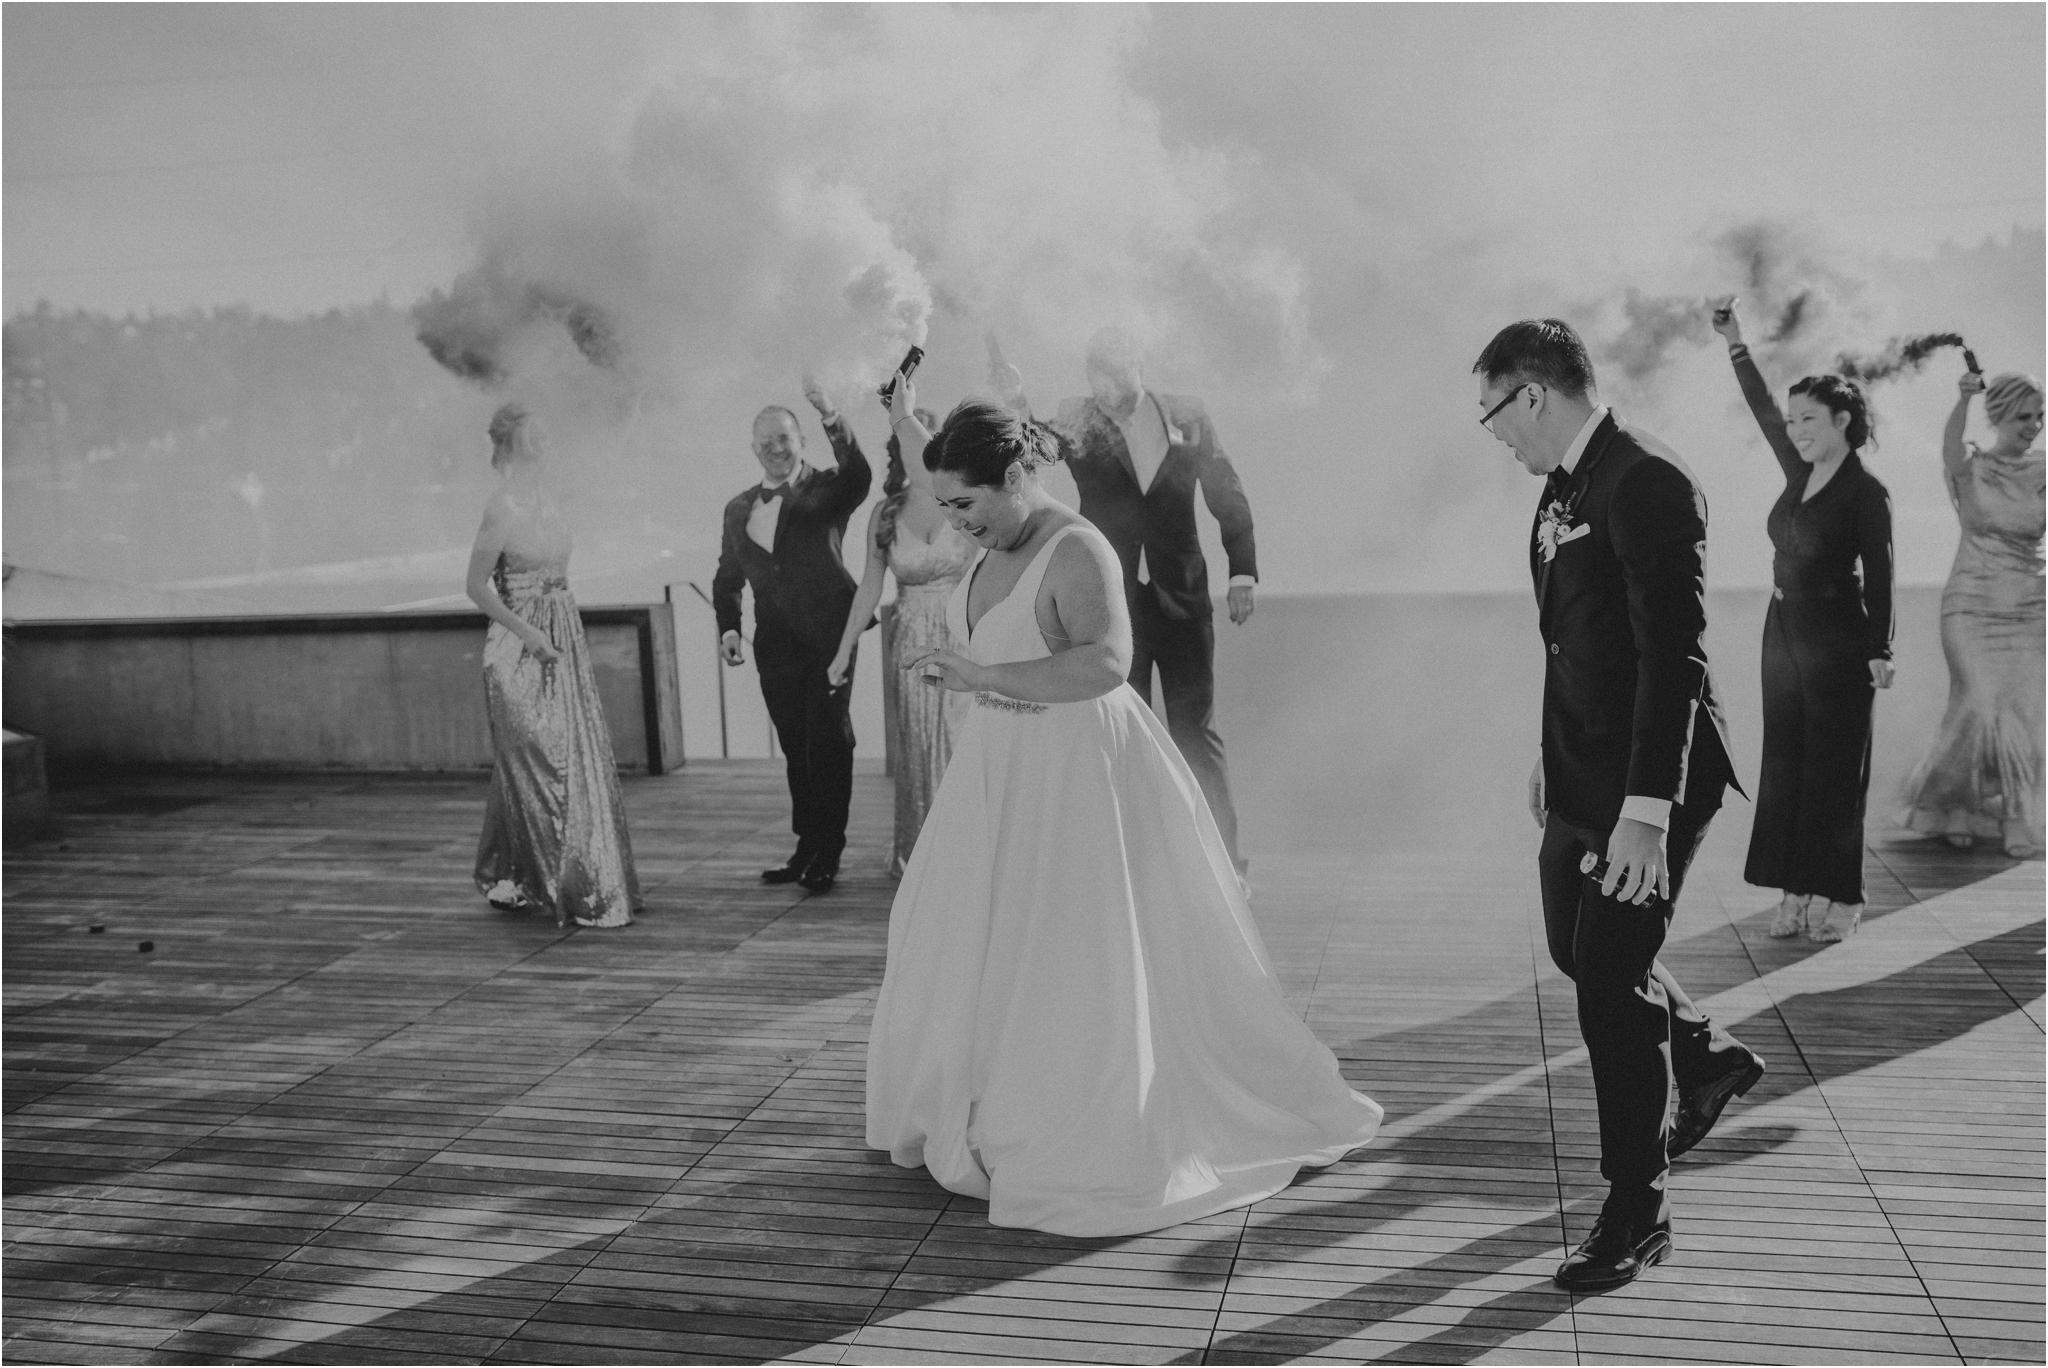 ashley-and-david-fremont-foundry-seattle-washington-wedding-photographer-054.jpg